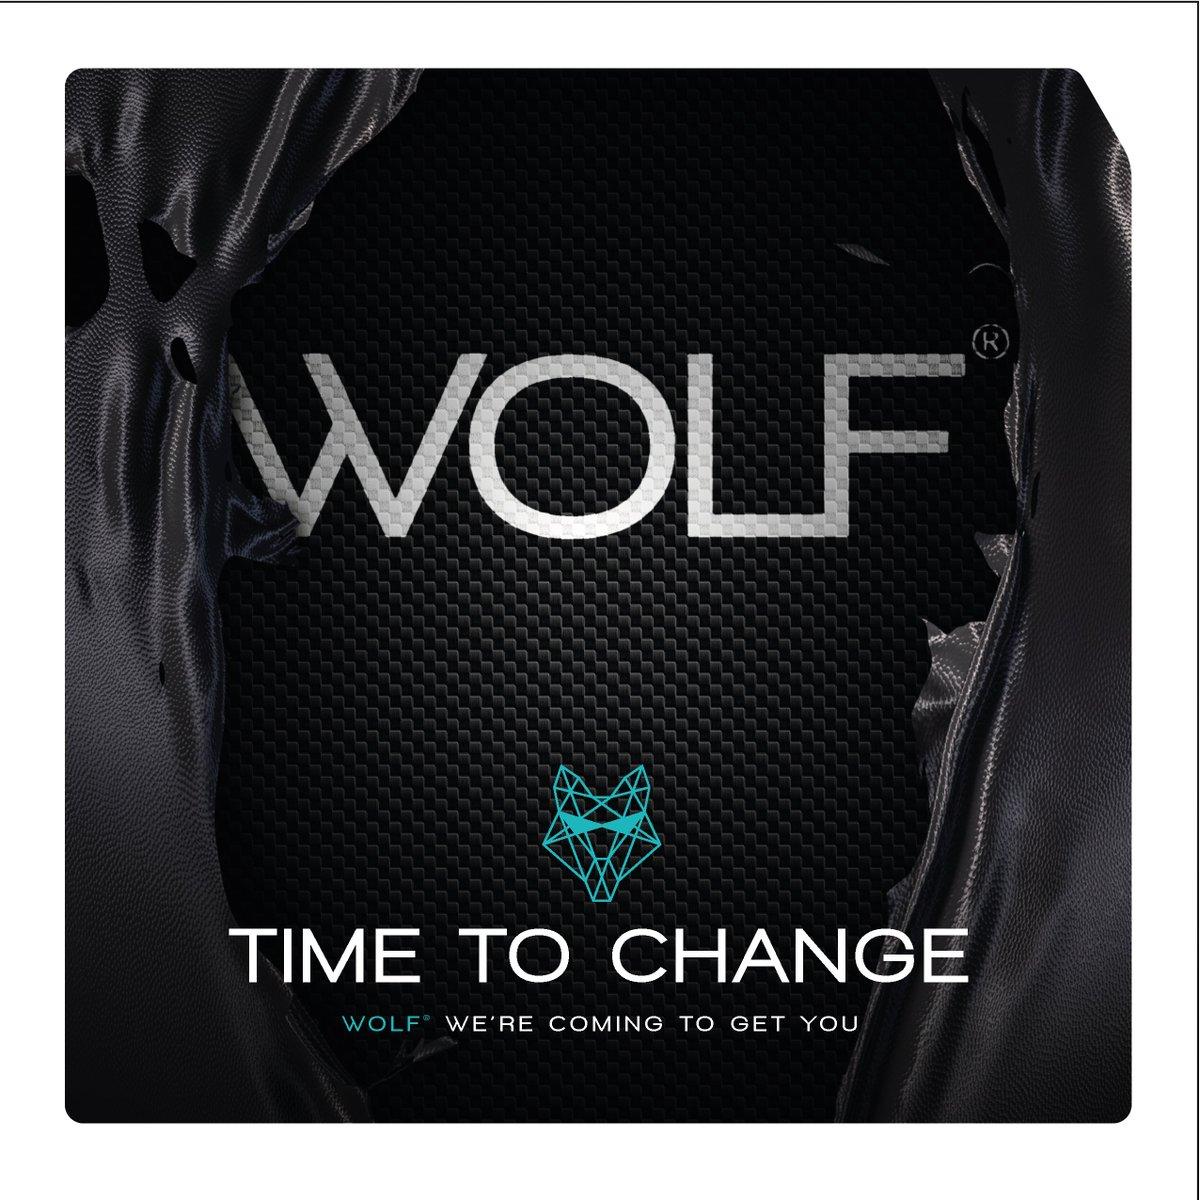 Time to change to a Wolf  #timetochange #topdog #<b>Rods</b> #wolfspod #carpfishing #fishingtackle h